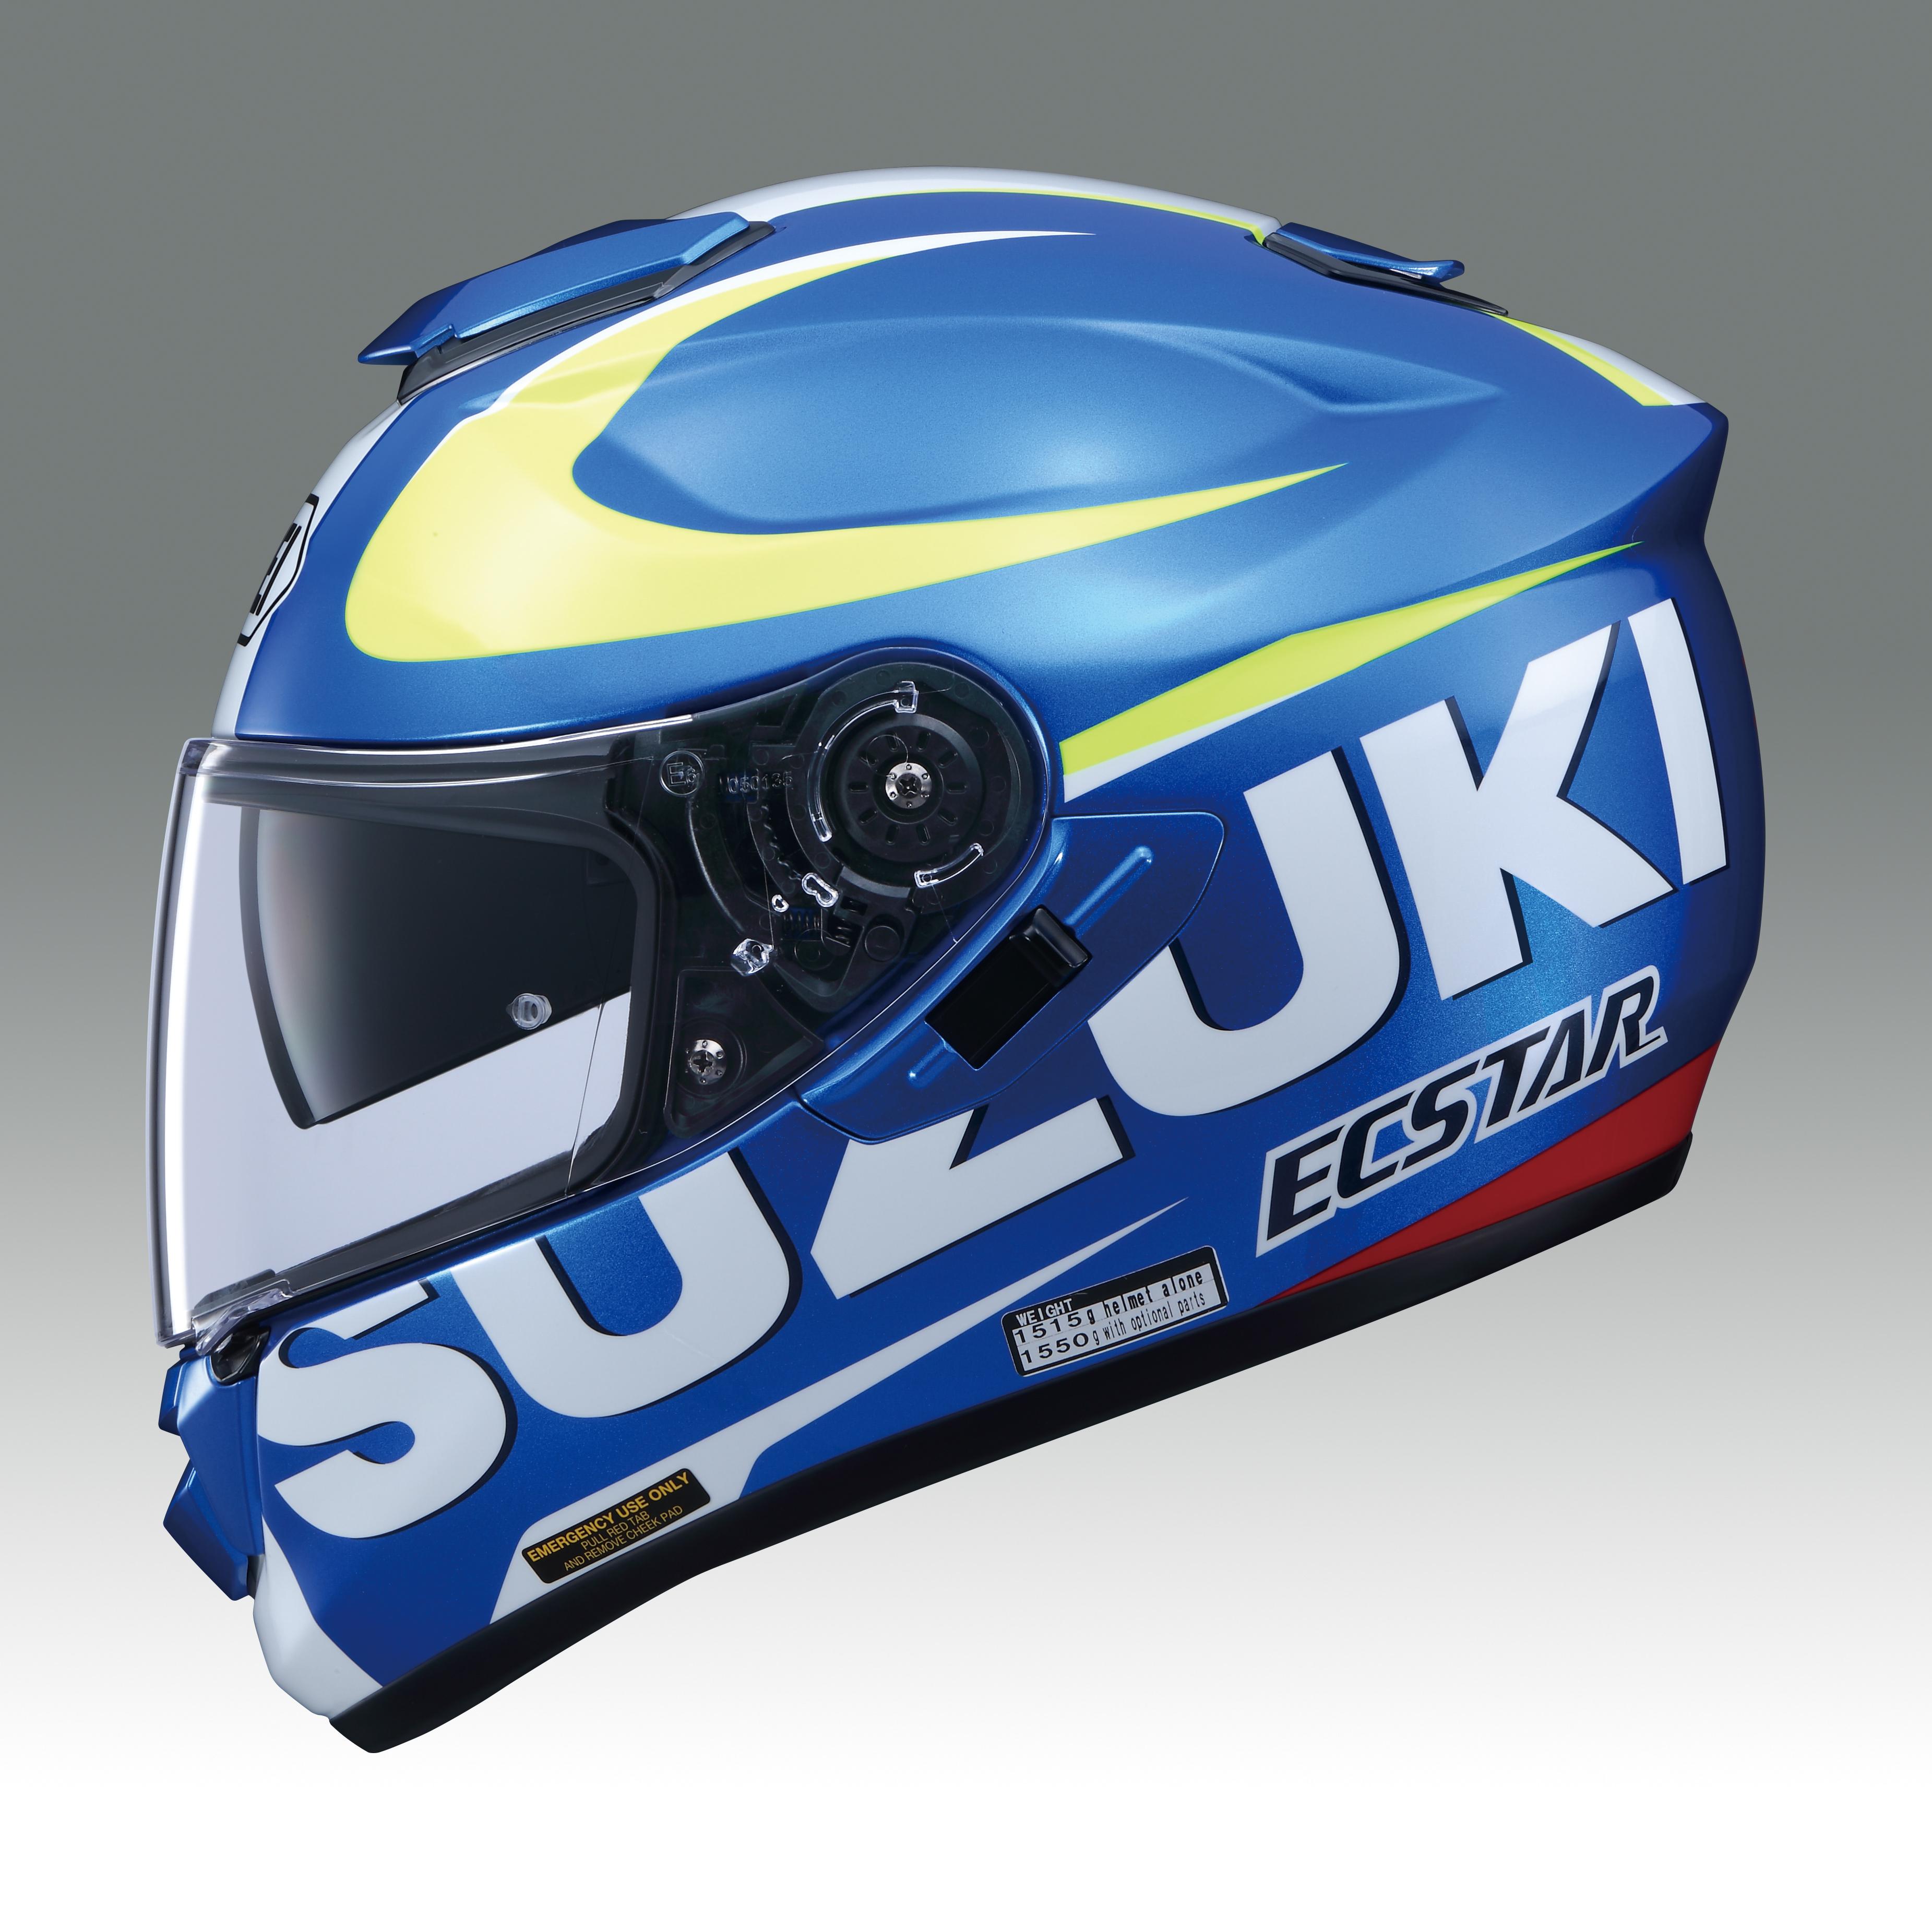 Full Motorcycle Helmet >> Genuine Suzuki MotoGP Shoei GT Air Helmet Full Face Shield Motorcycle Motorbike | eBay